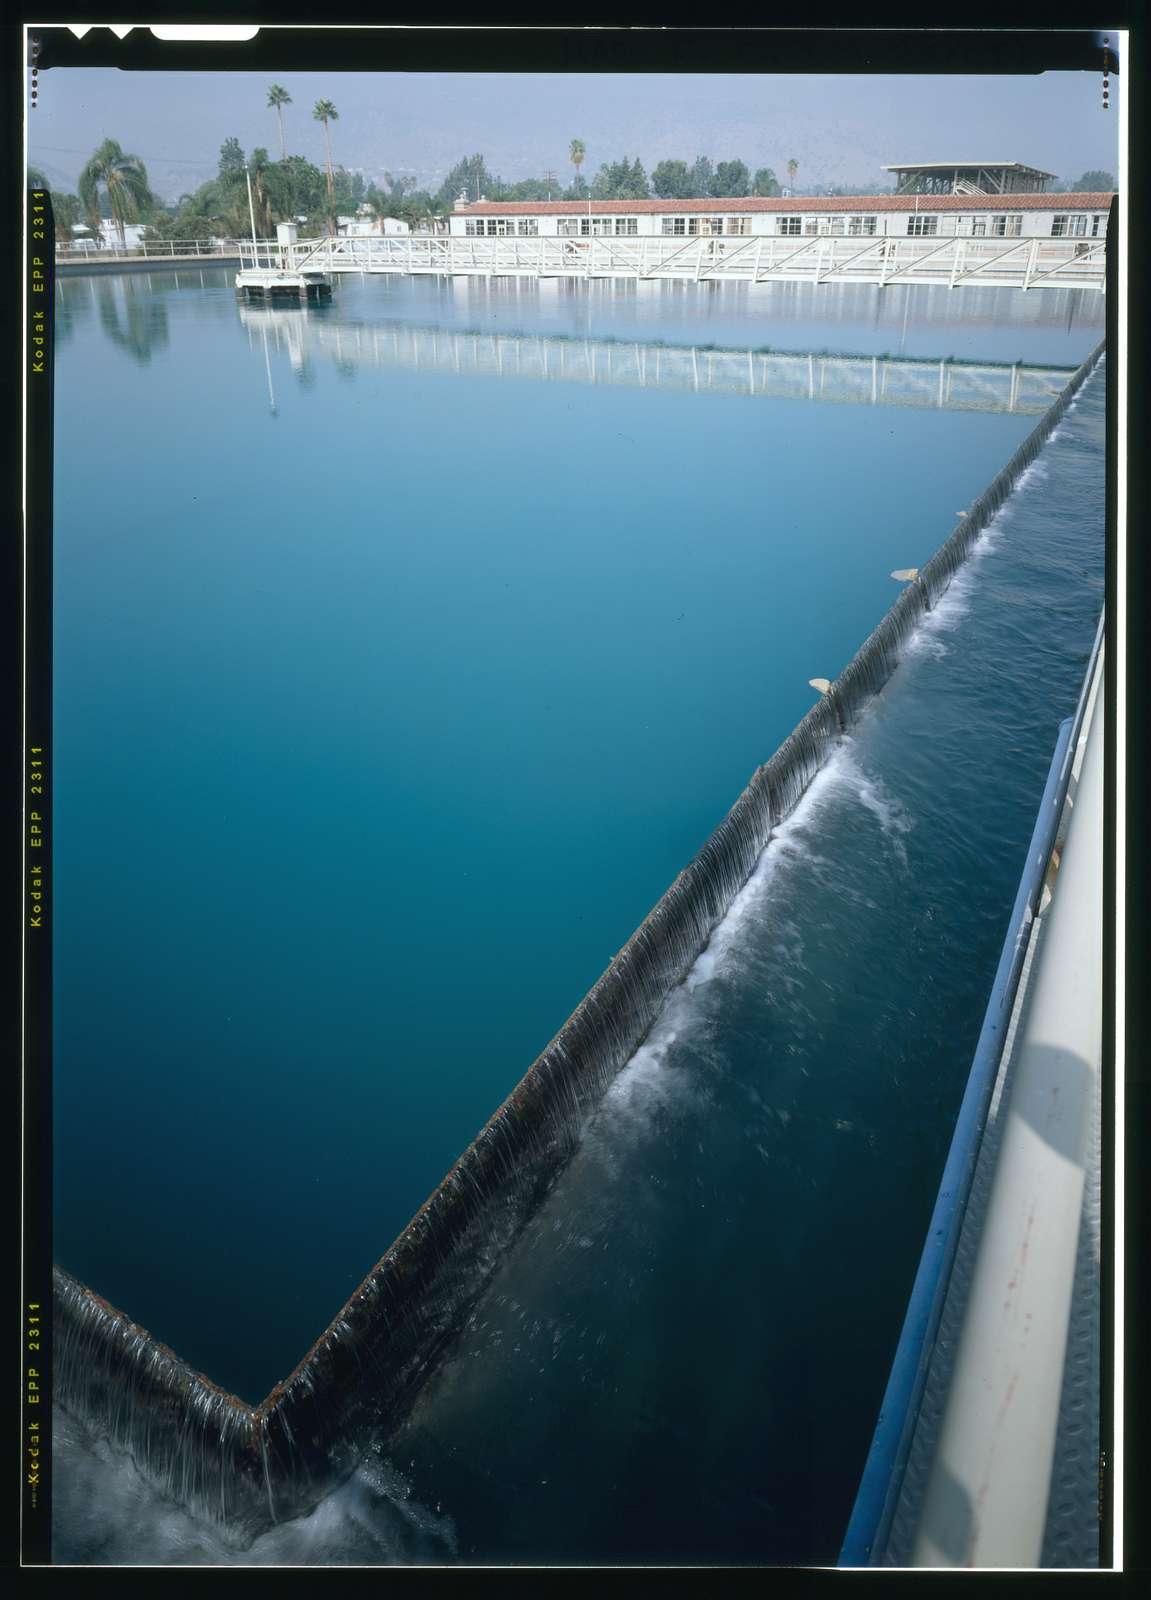 F. E. Weymouth Filtration Plant, 700 North Moreno Avenue, La Verne, Los Angeles County, CA